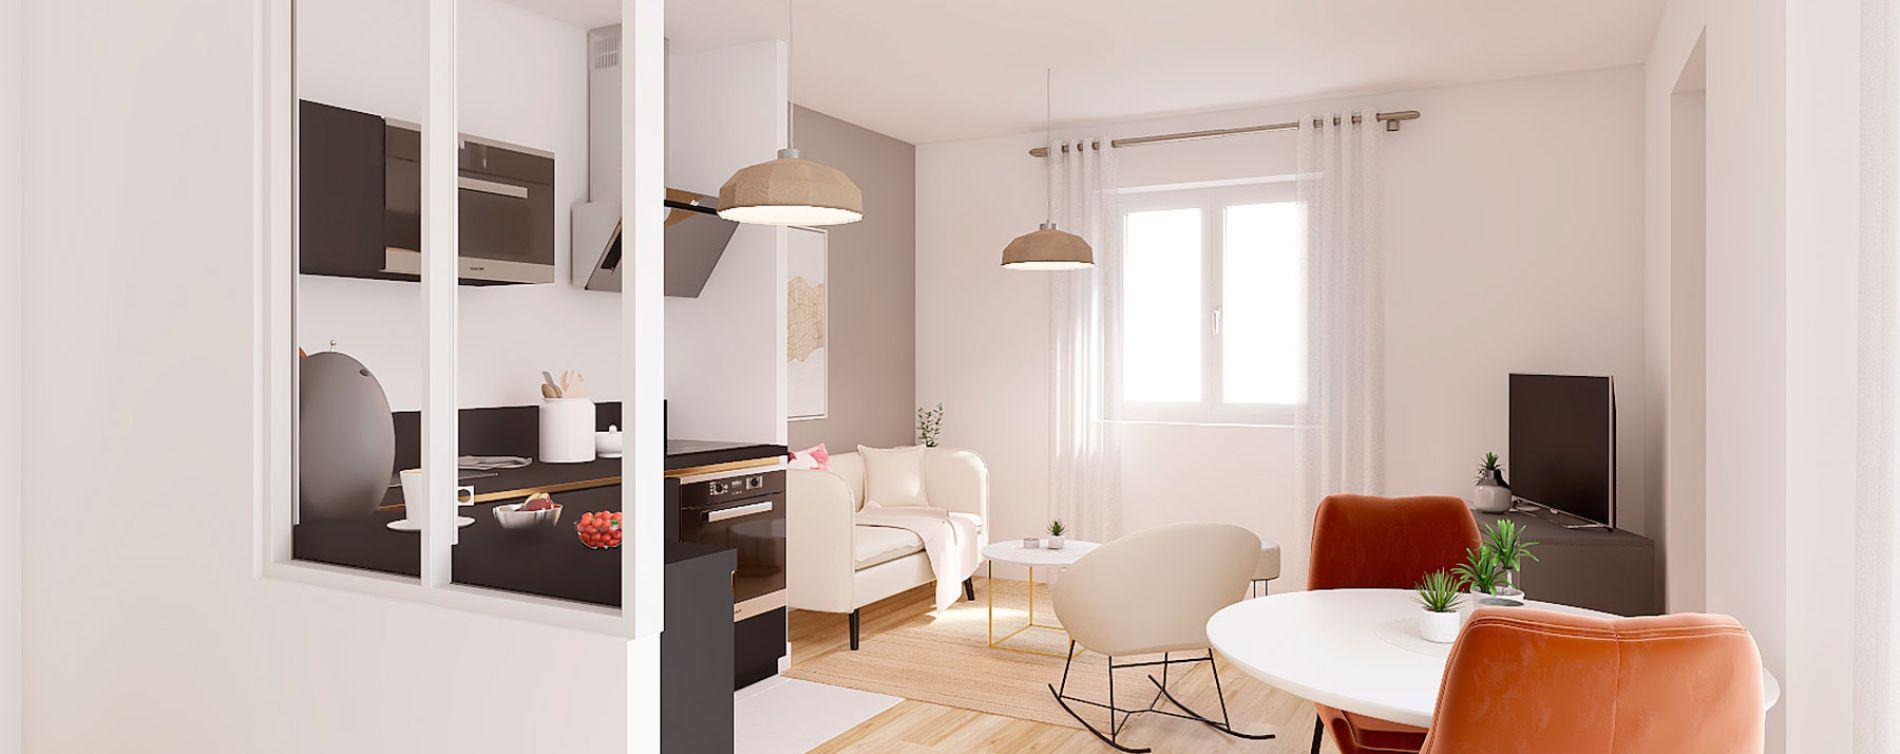 Villeurbanne : programme immobilier à rénover « Blum Médipôle » en Loi Pinel ancien (4)